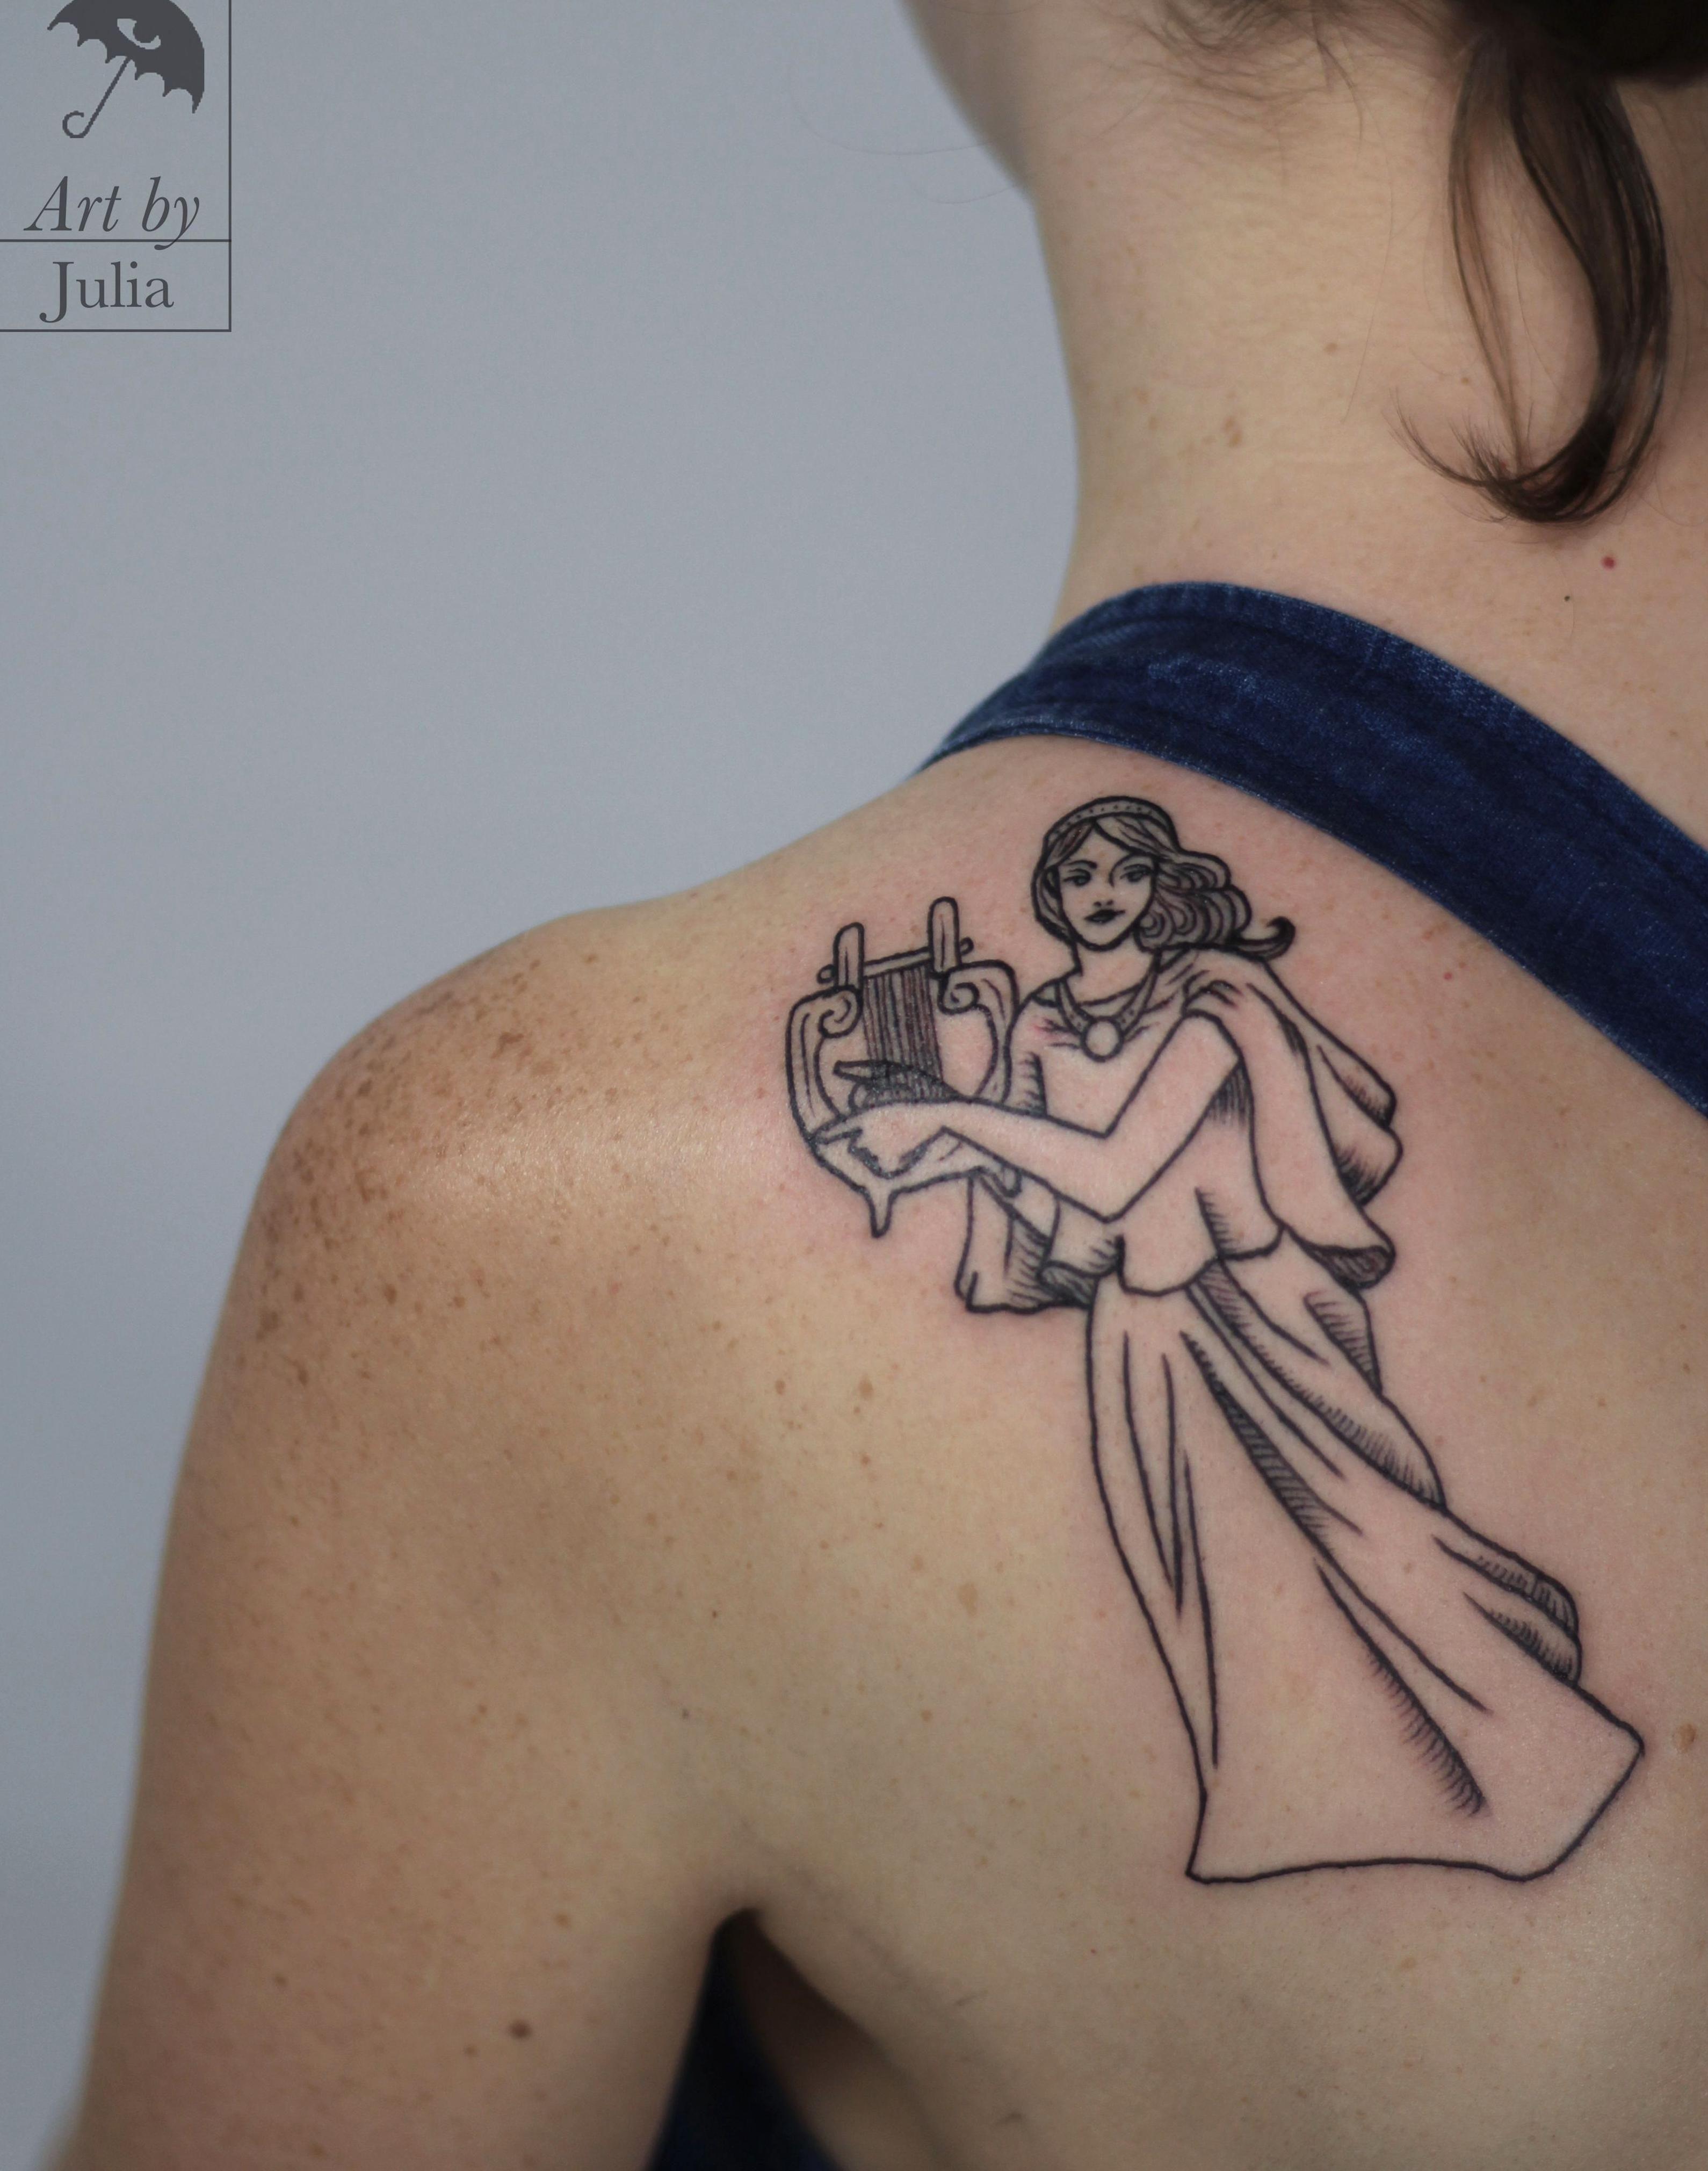 Muse Muse Tattoo Feminine Feminine Tattoo Feminism Feminism Tattoo Feminist Feminist Tattoo Line Linework Line In 2020 Feminist Tattoo Feminism Tattoo Feminine Tattoos